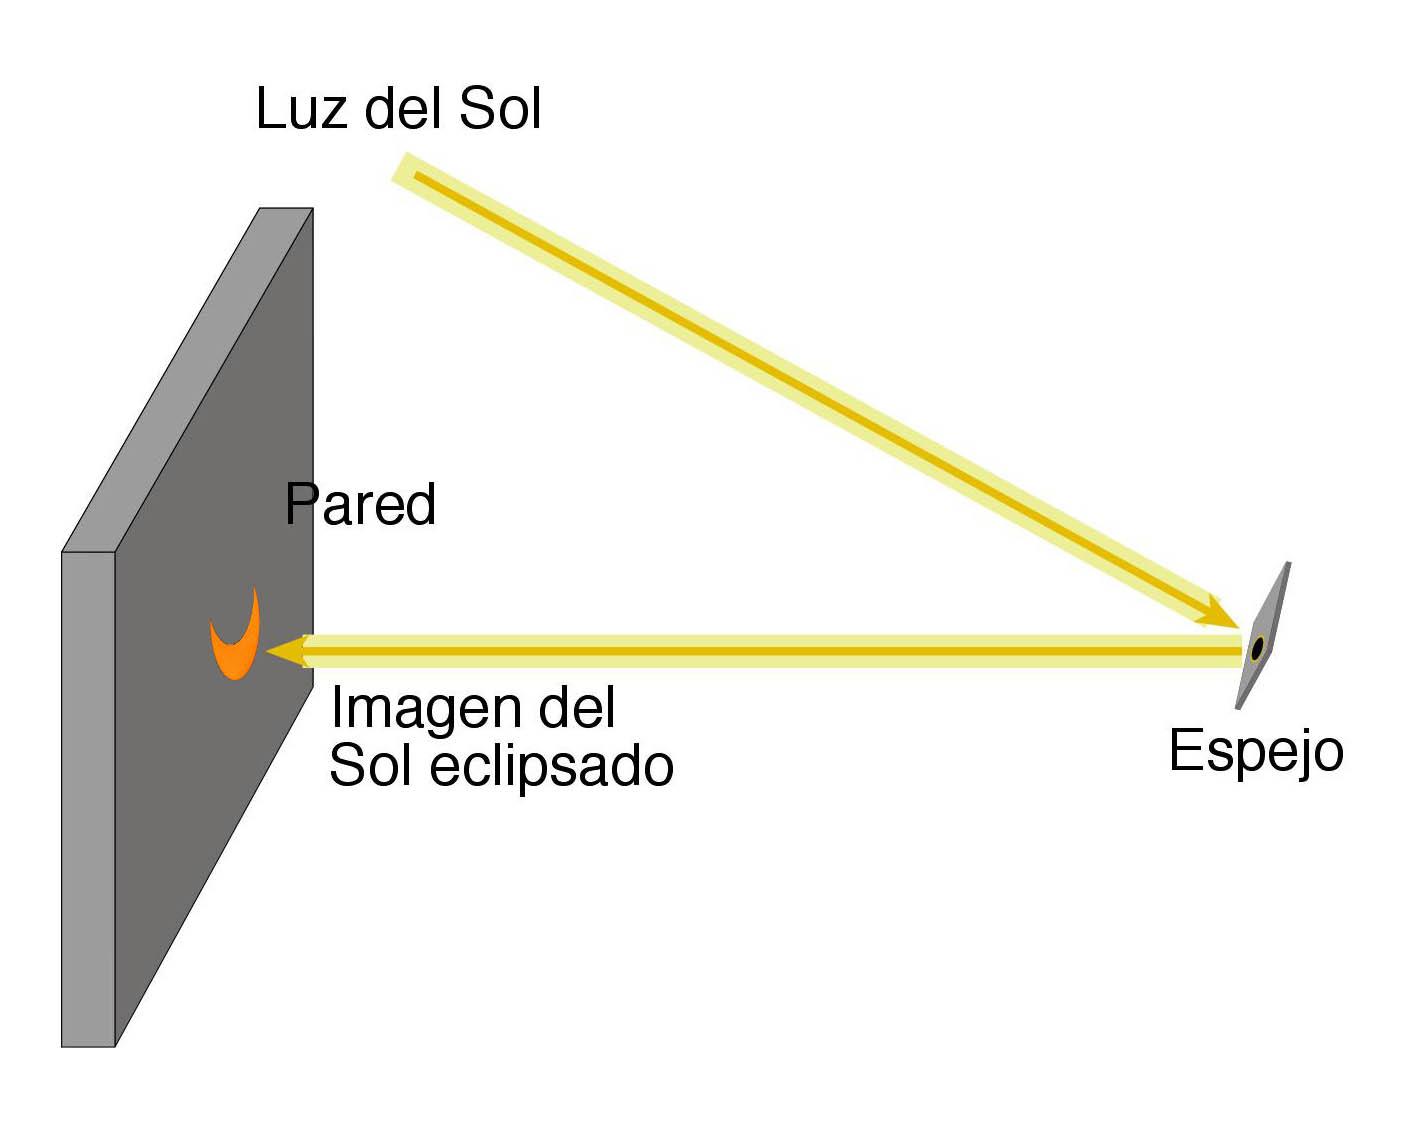 Graves lesiones en los ojos, si se ve directamente el eclipse solar-UNAM